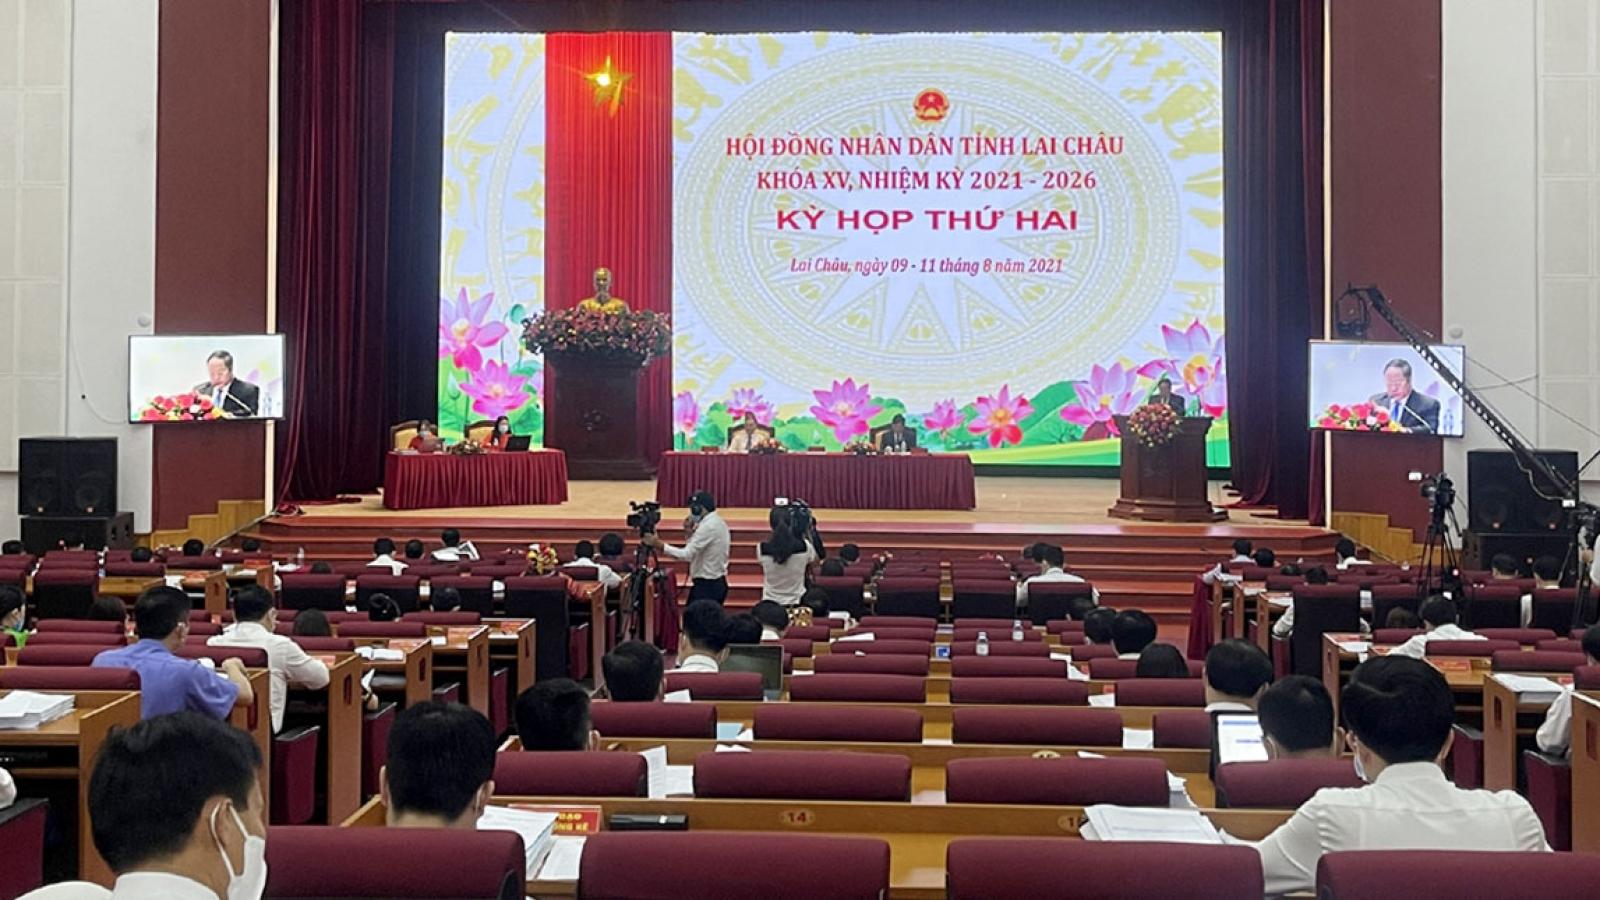 Kỳ họp thứ 2 HĐND tỉnh Lai Châu: Hơn 300 đại biểu được xét nghiệm Covid-19